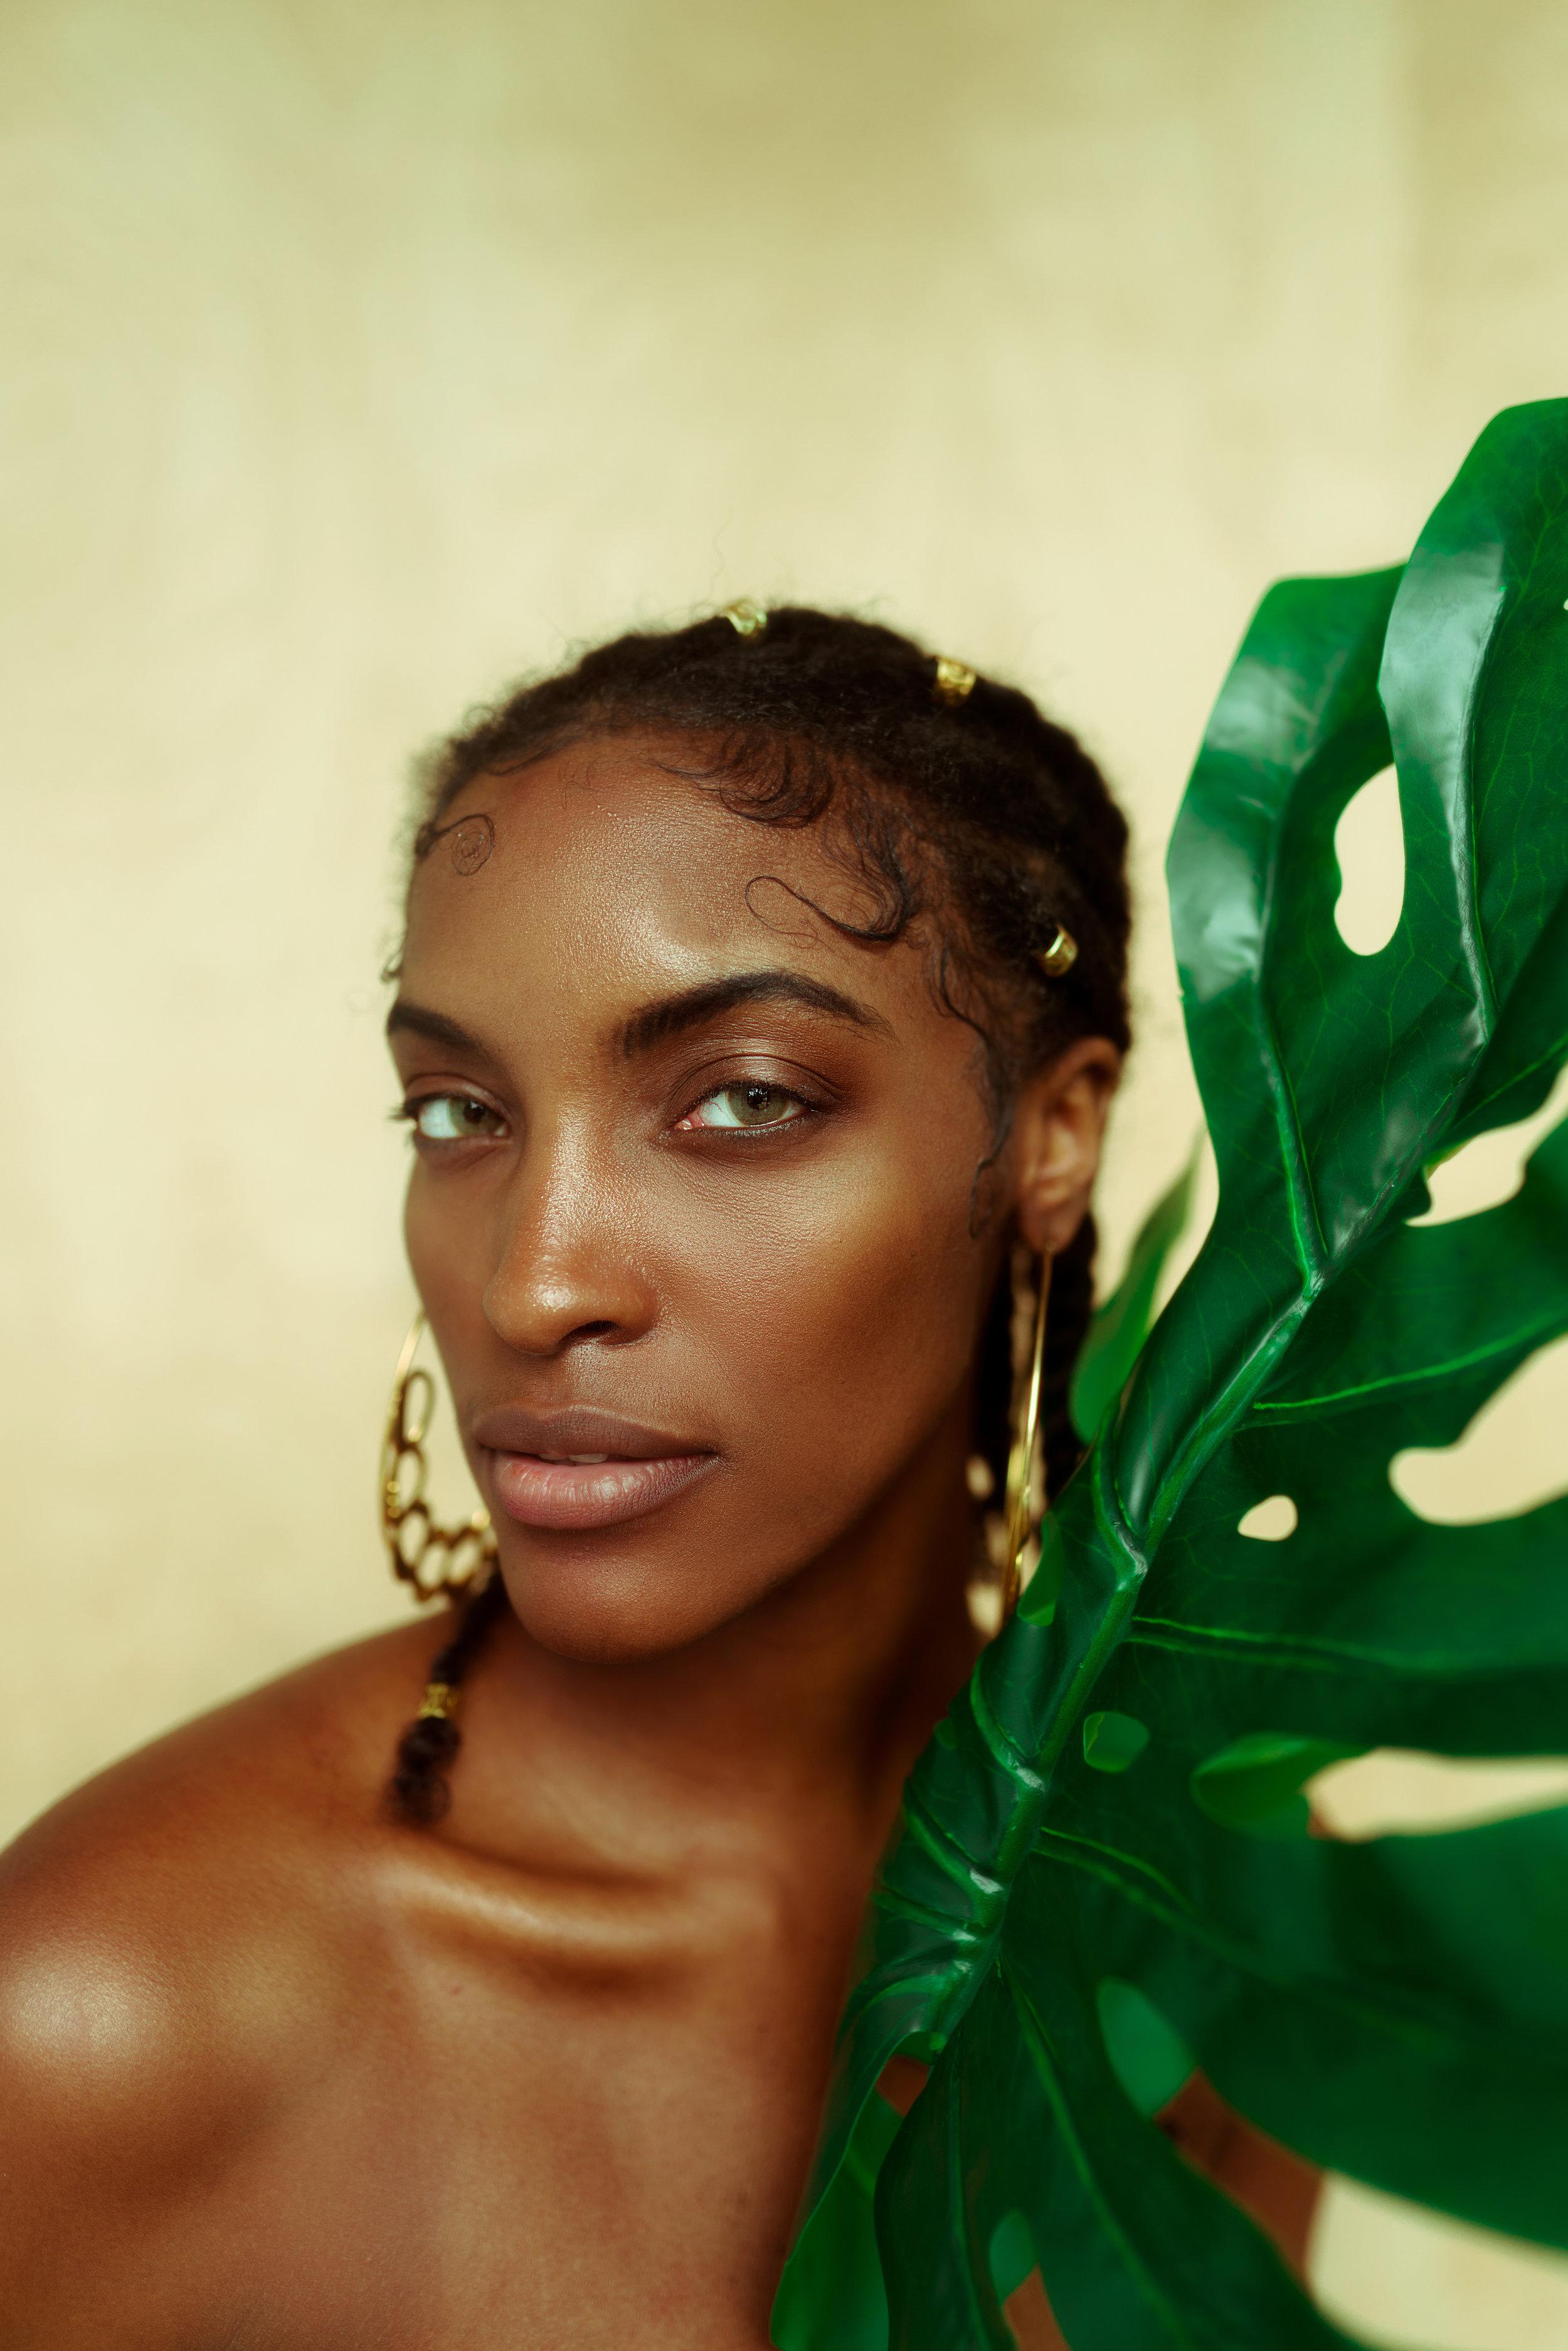 September Featured Shoot - Photography: @obislensStyled: @amandataymorHair: @temithomas_Models: @kaimech, @solglo_, @arichambers, @lifelovelily, @temithomas_,